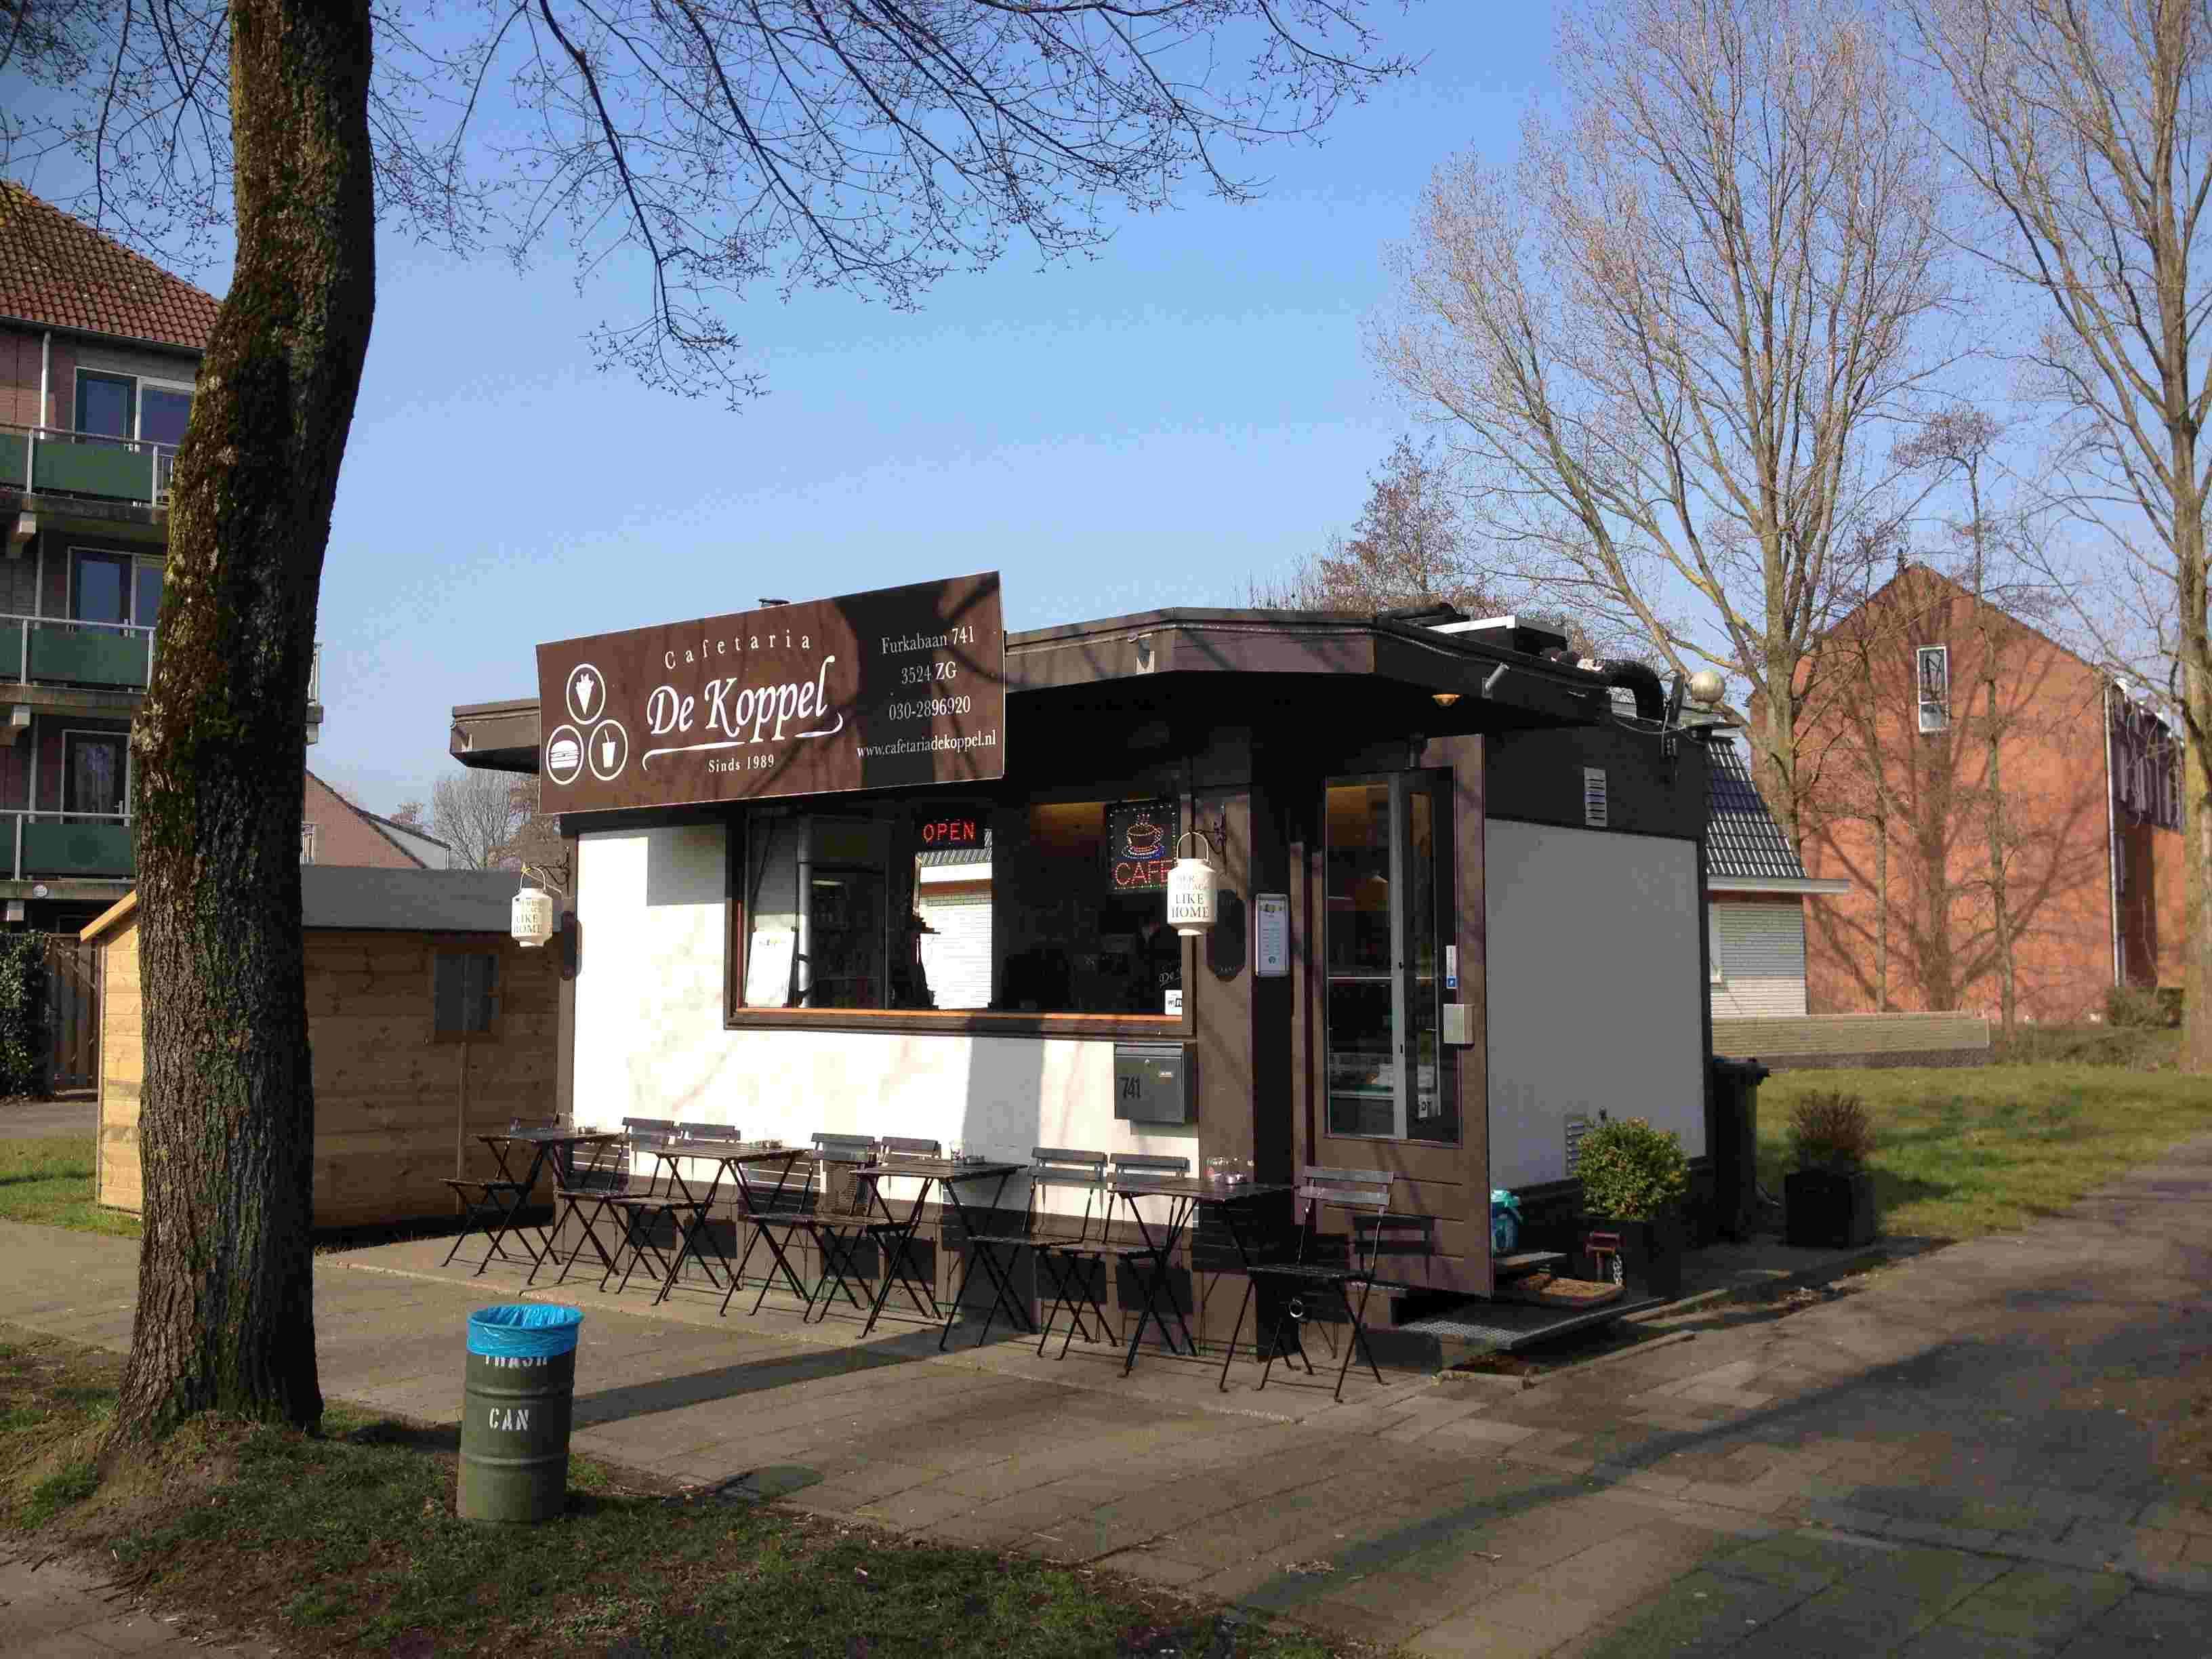 Cafetaria De Koppel